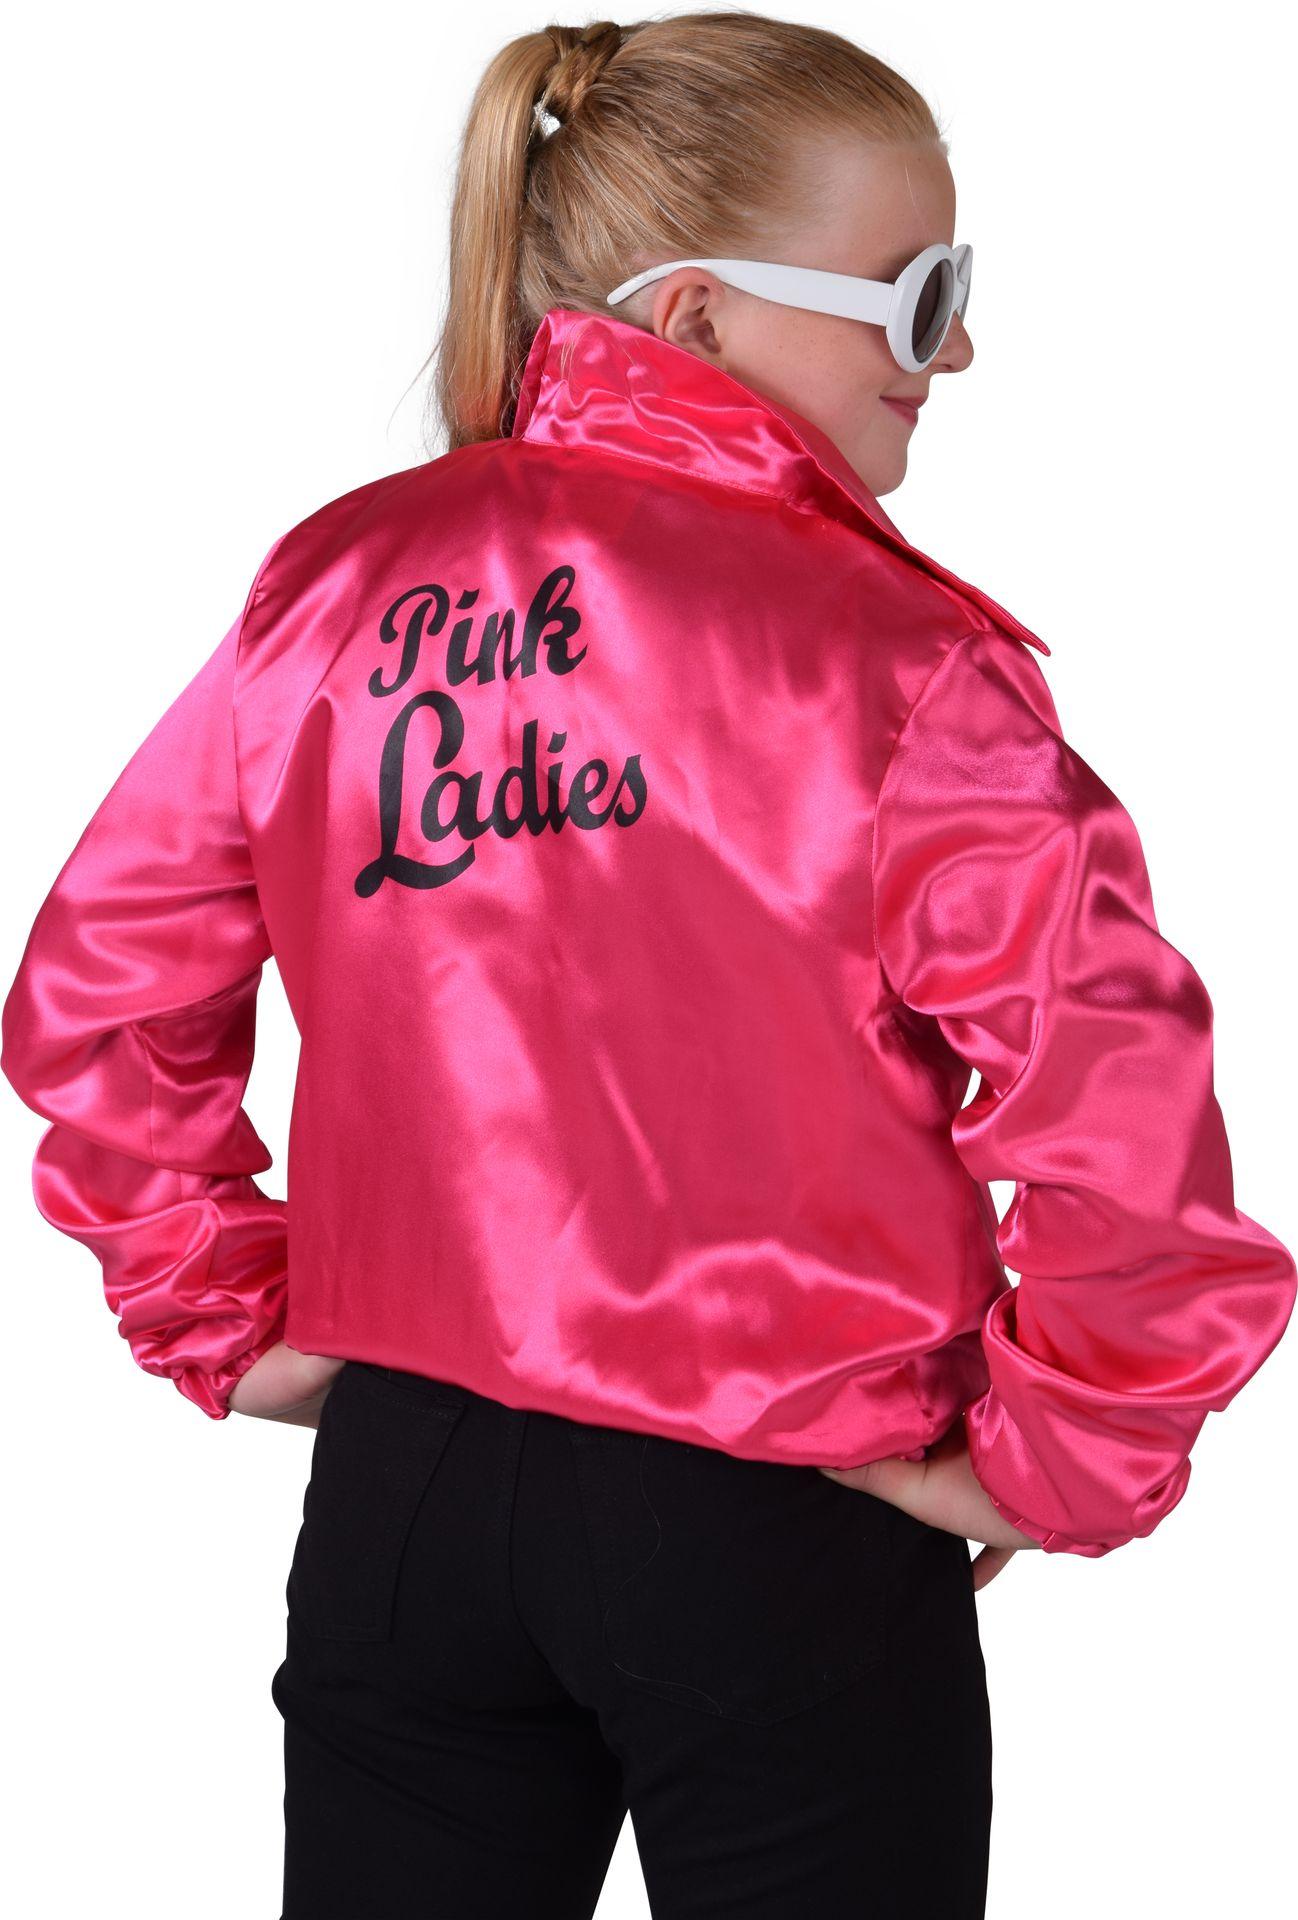 Pink Ladies jasje meisjes